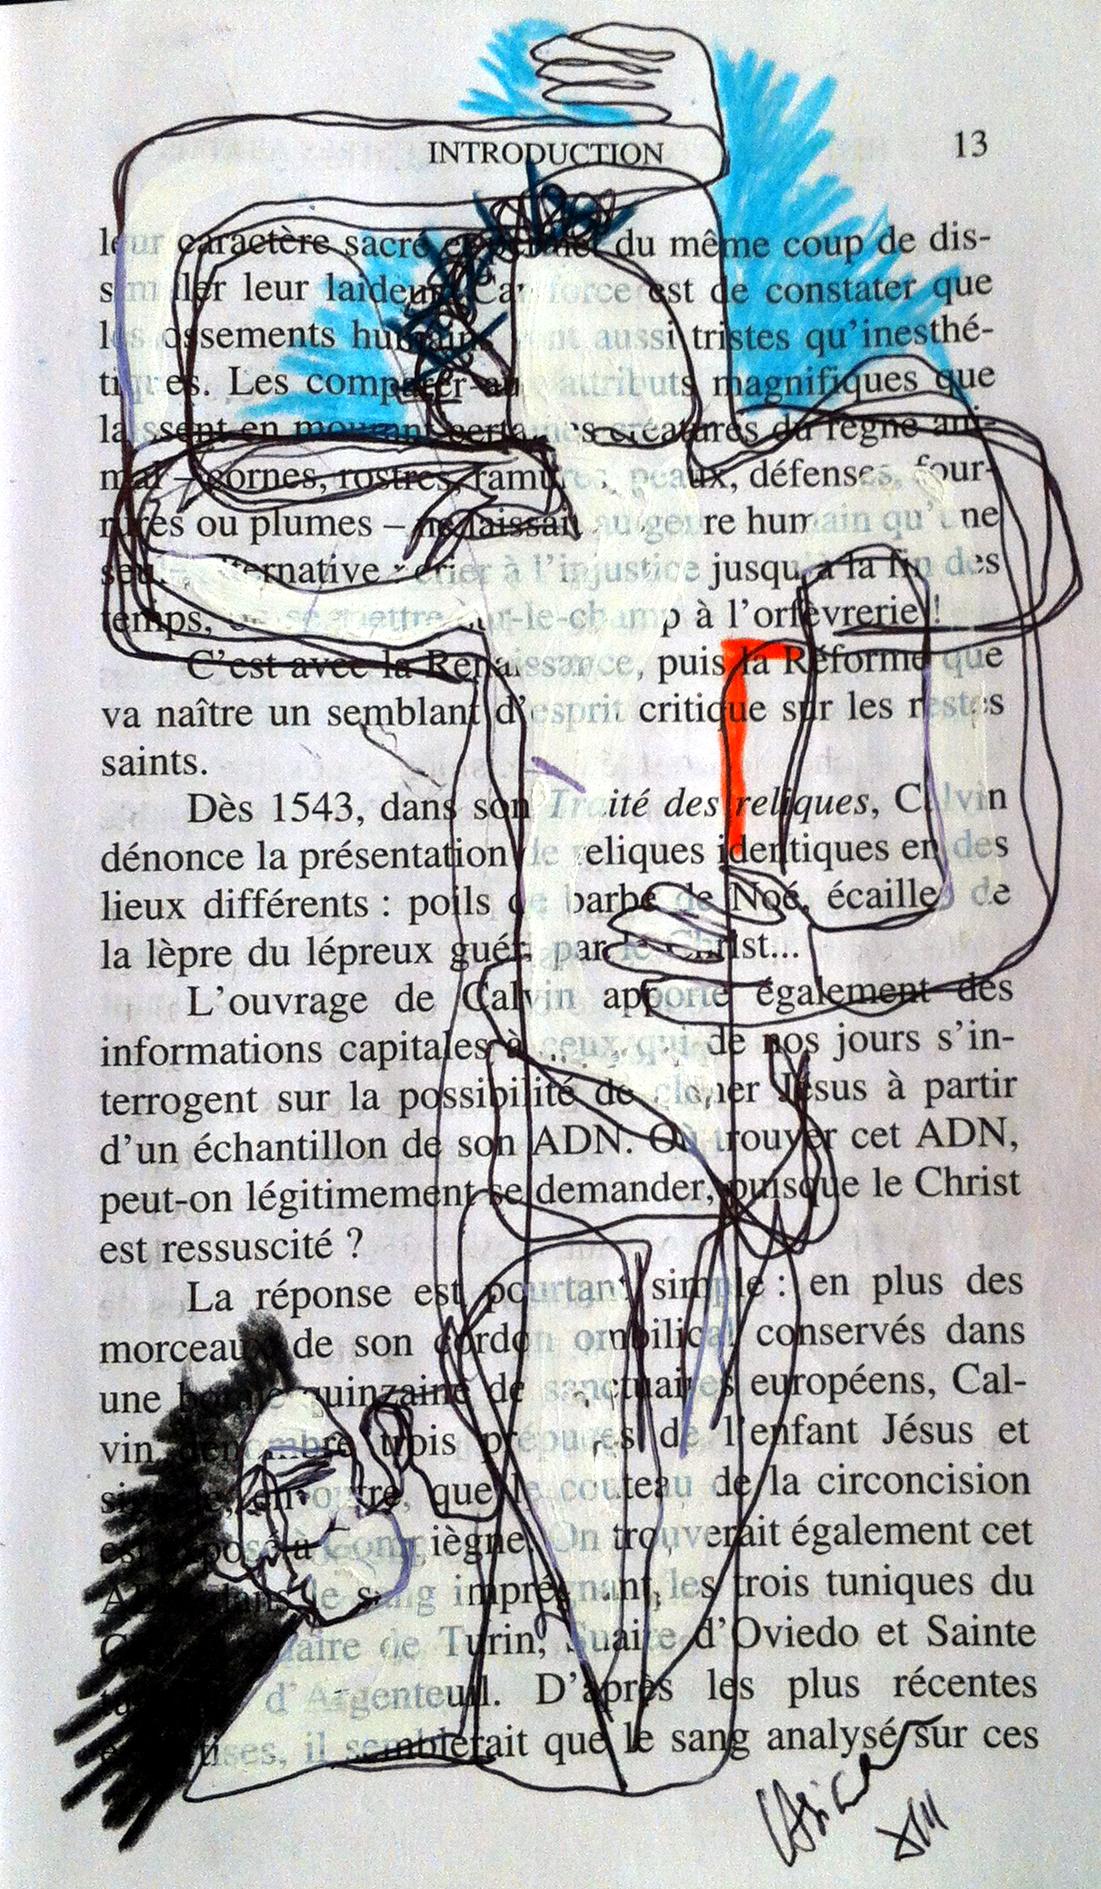 dessin-sur-livre-p13-castella-2015